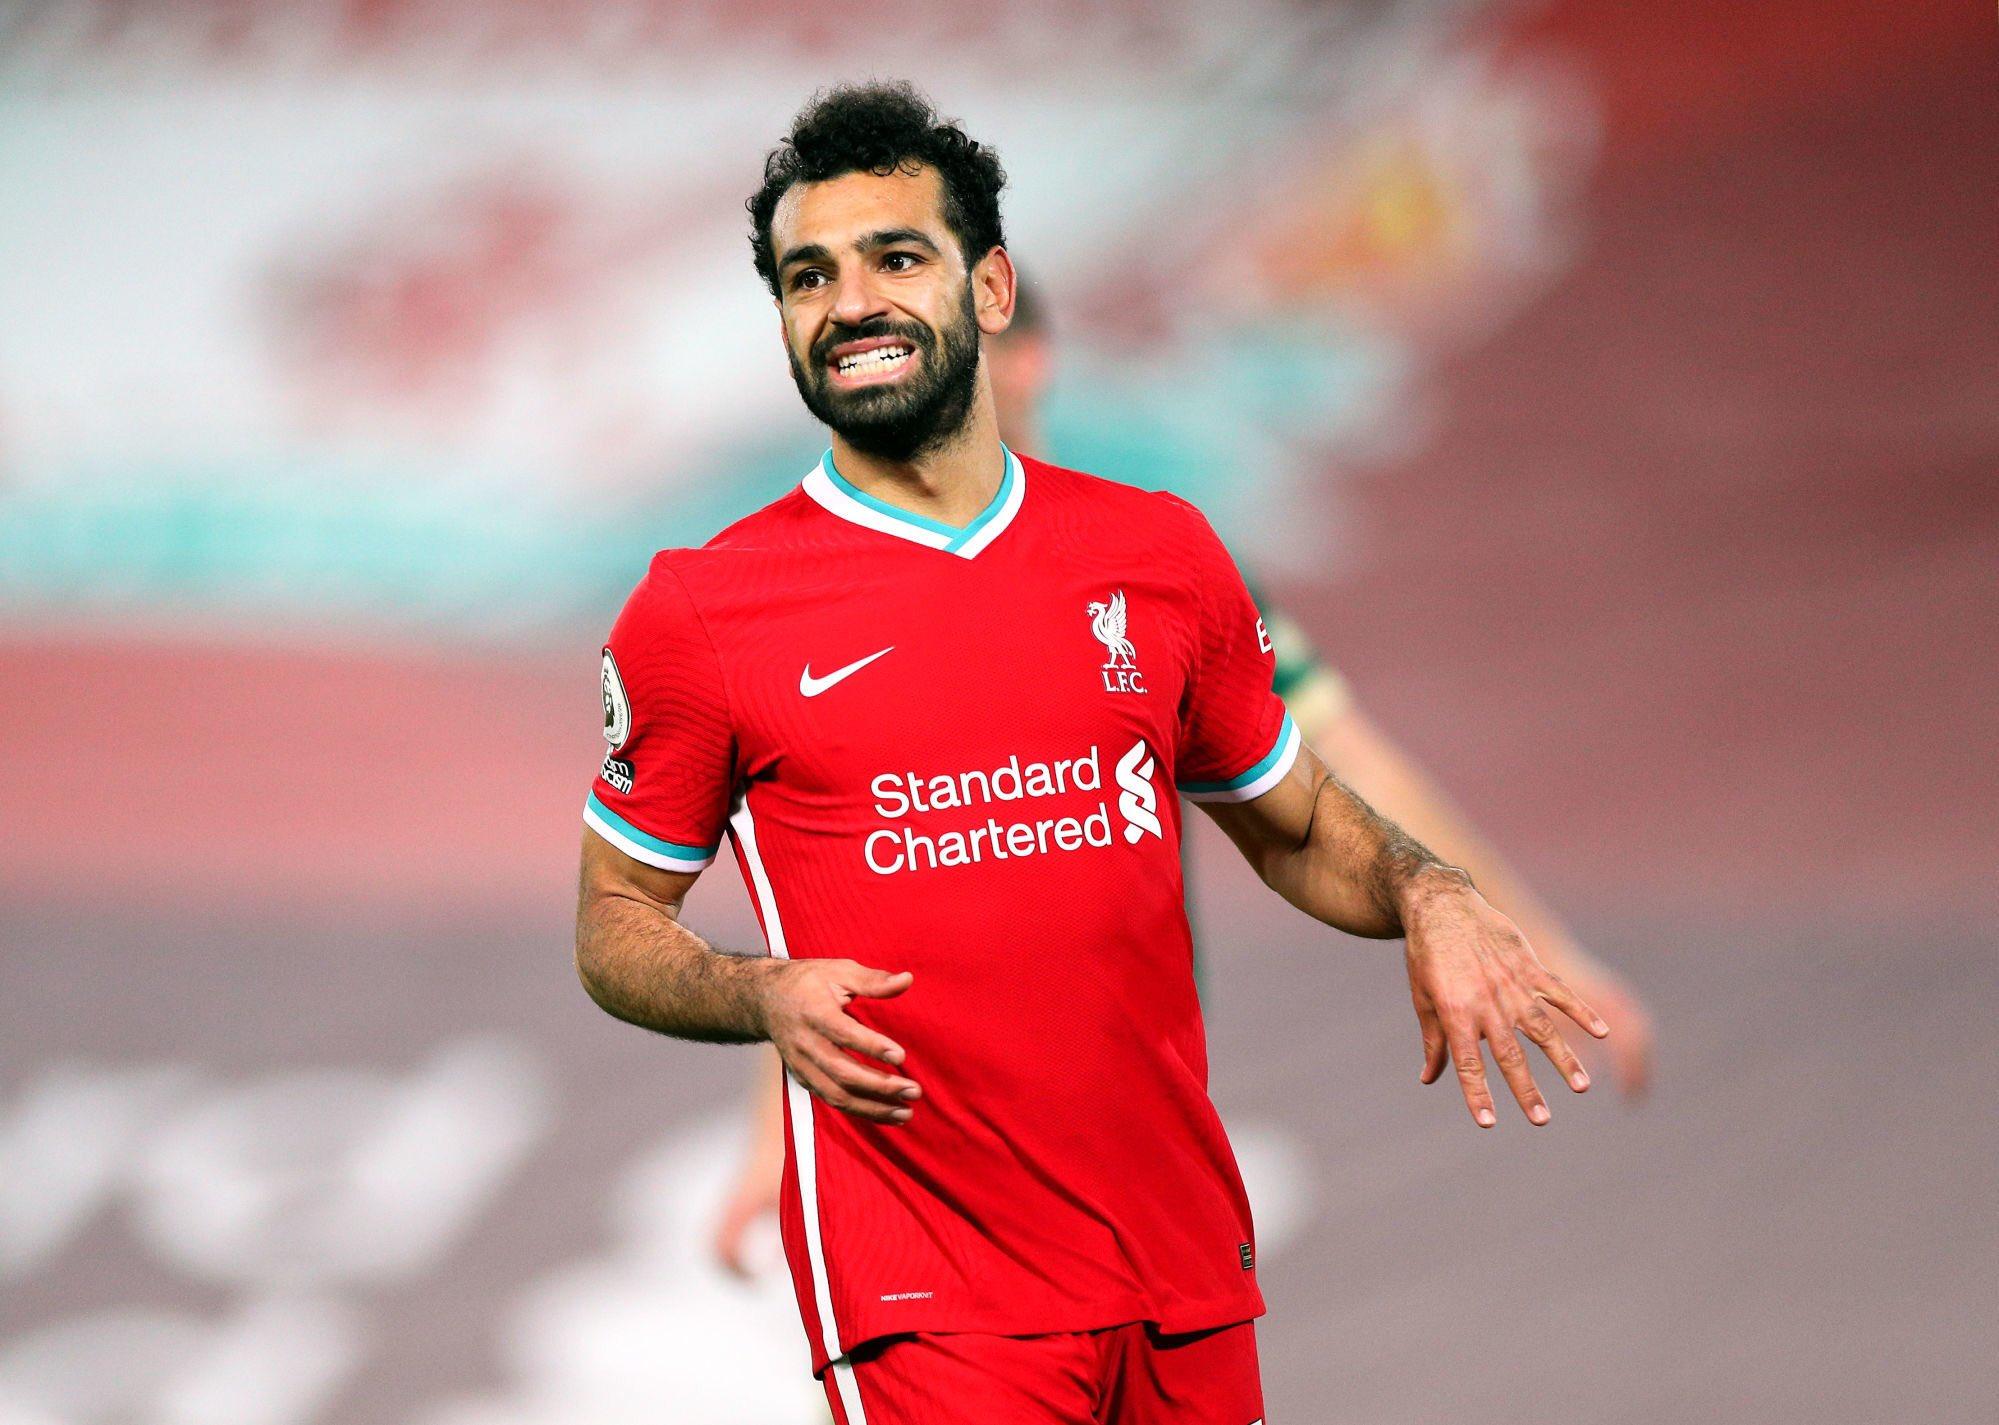 Mohamed Salah n'a pas paru content en cédant sa place contre Chelsea